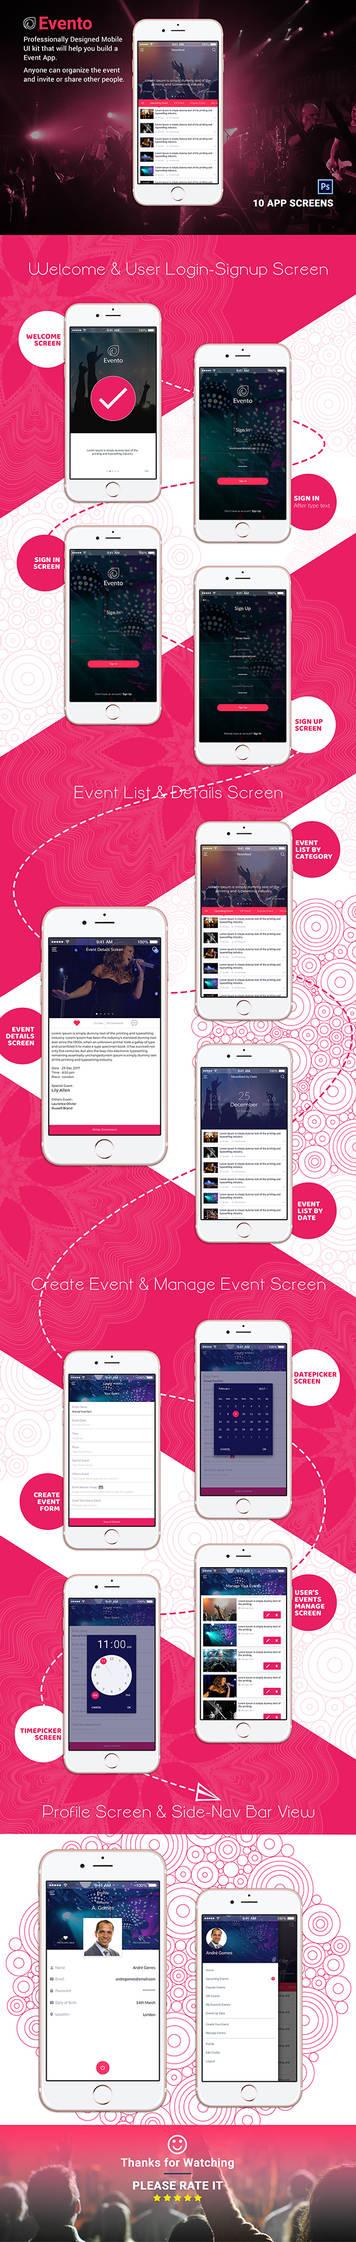 Event Mobile App - EVENTO